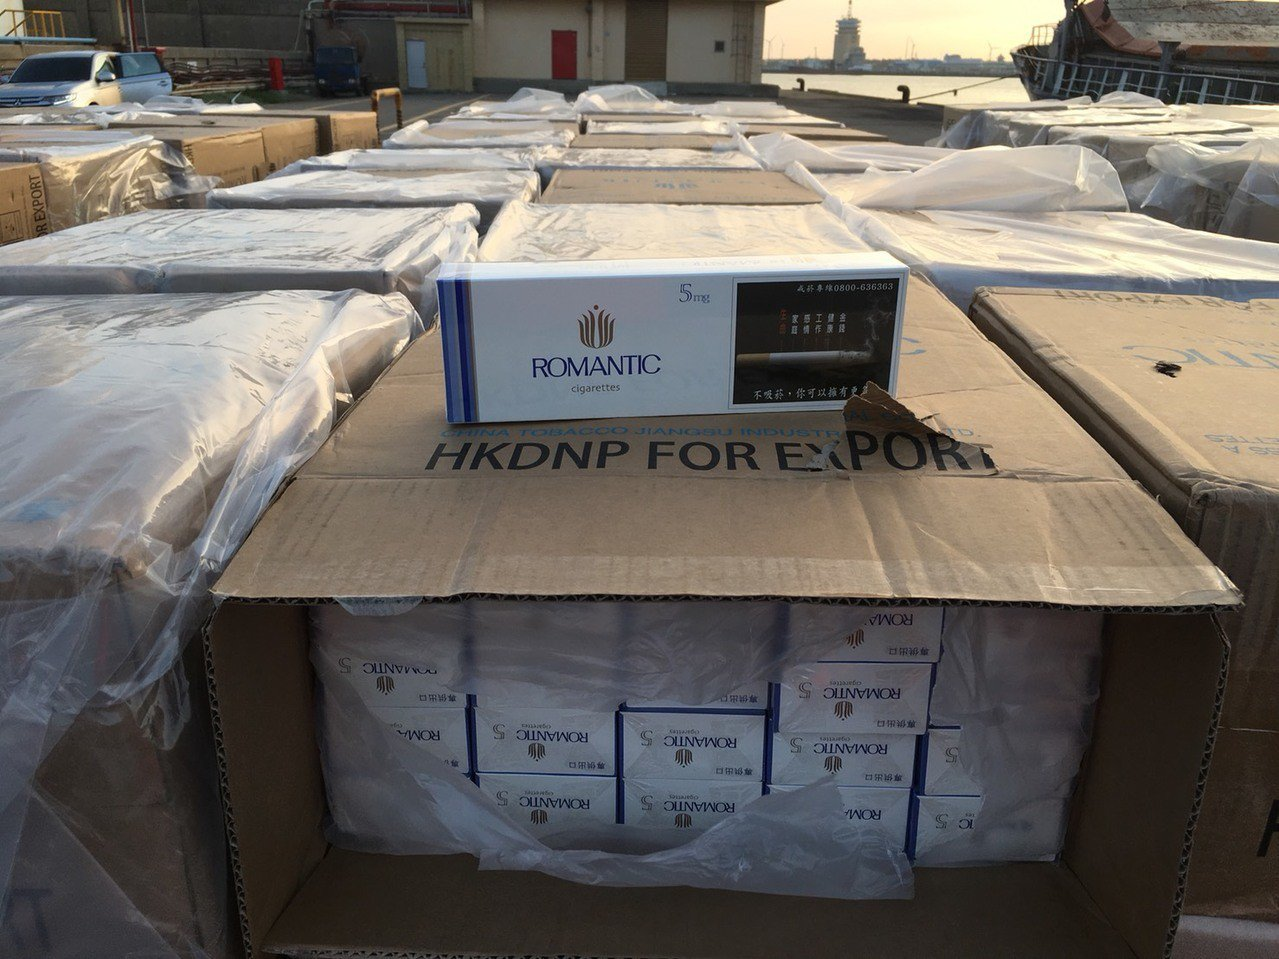 台中港西碼頭今日凌晨1時許,查獲貨輪「永順2號」4只貨櫃,走私約1000多箱的品...